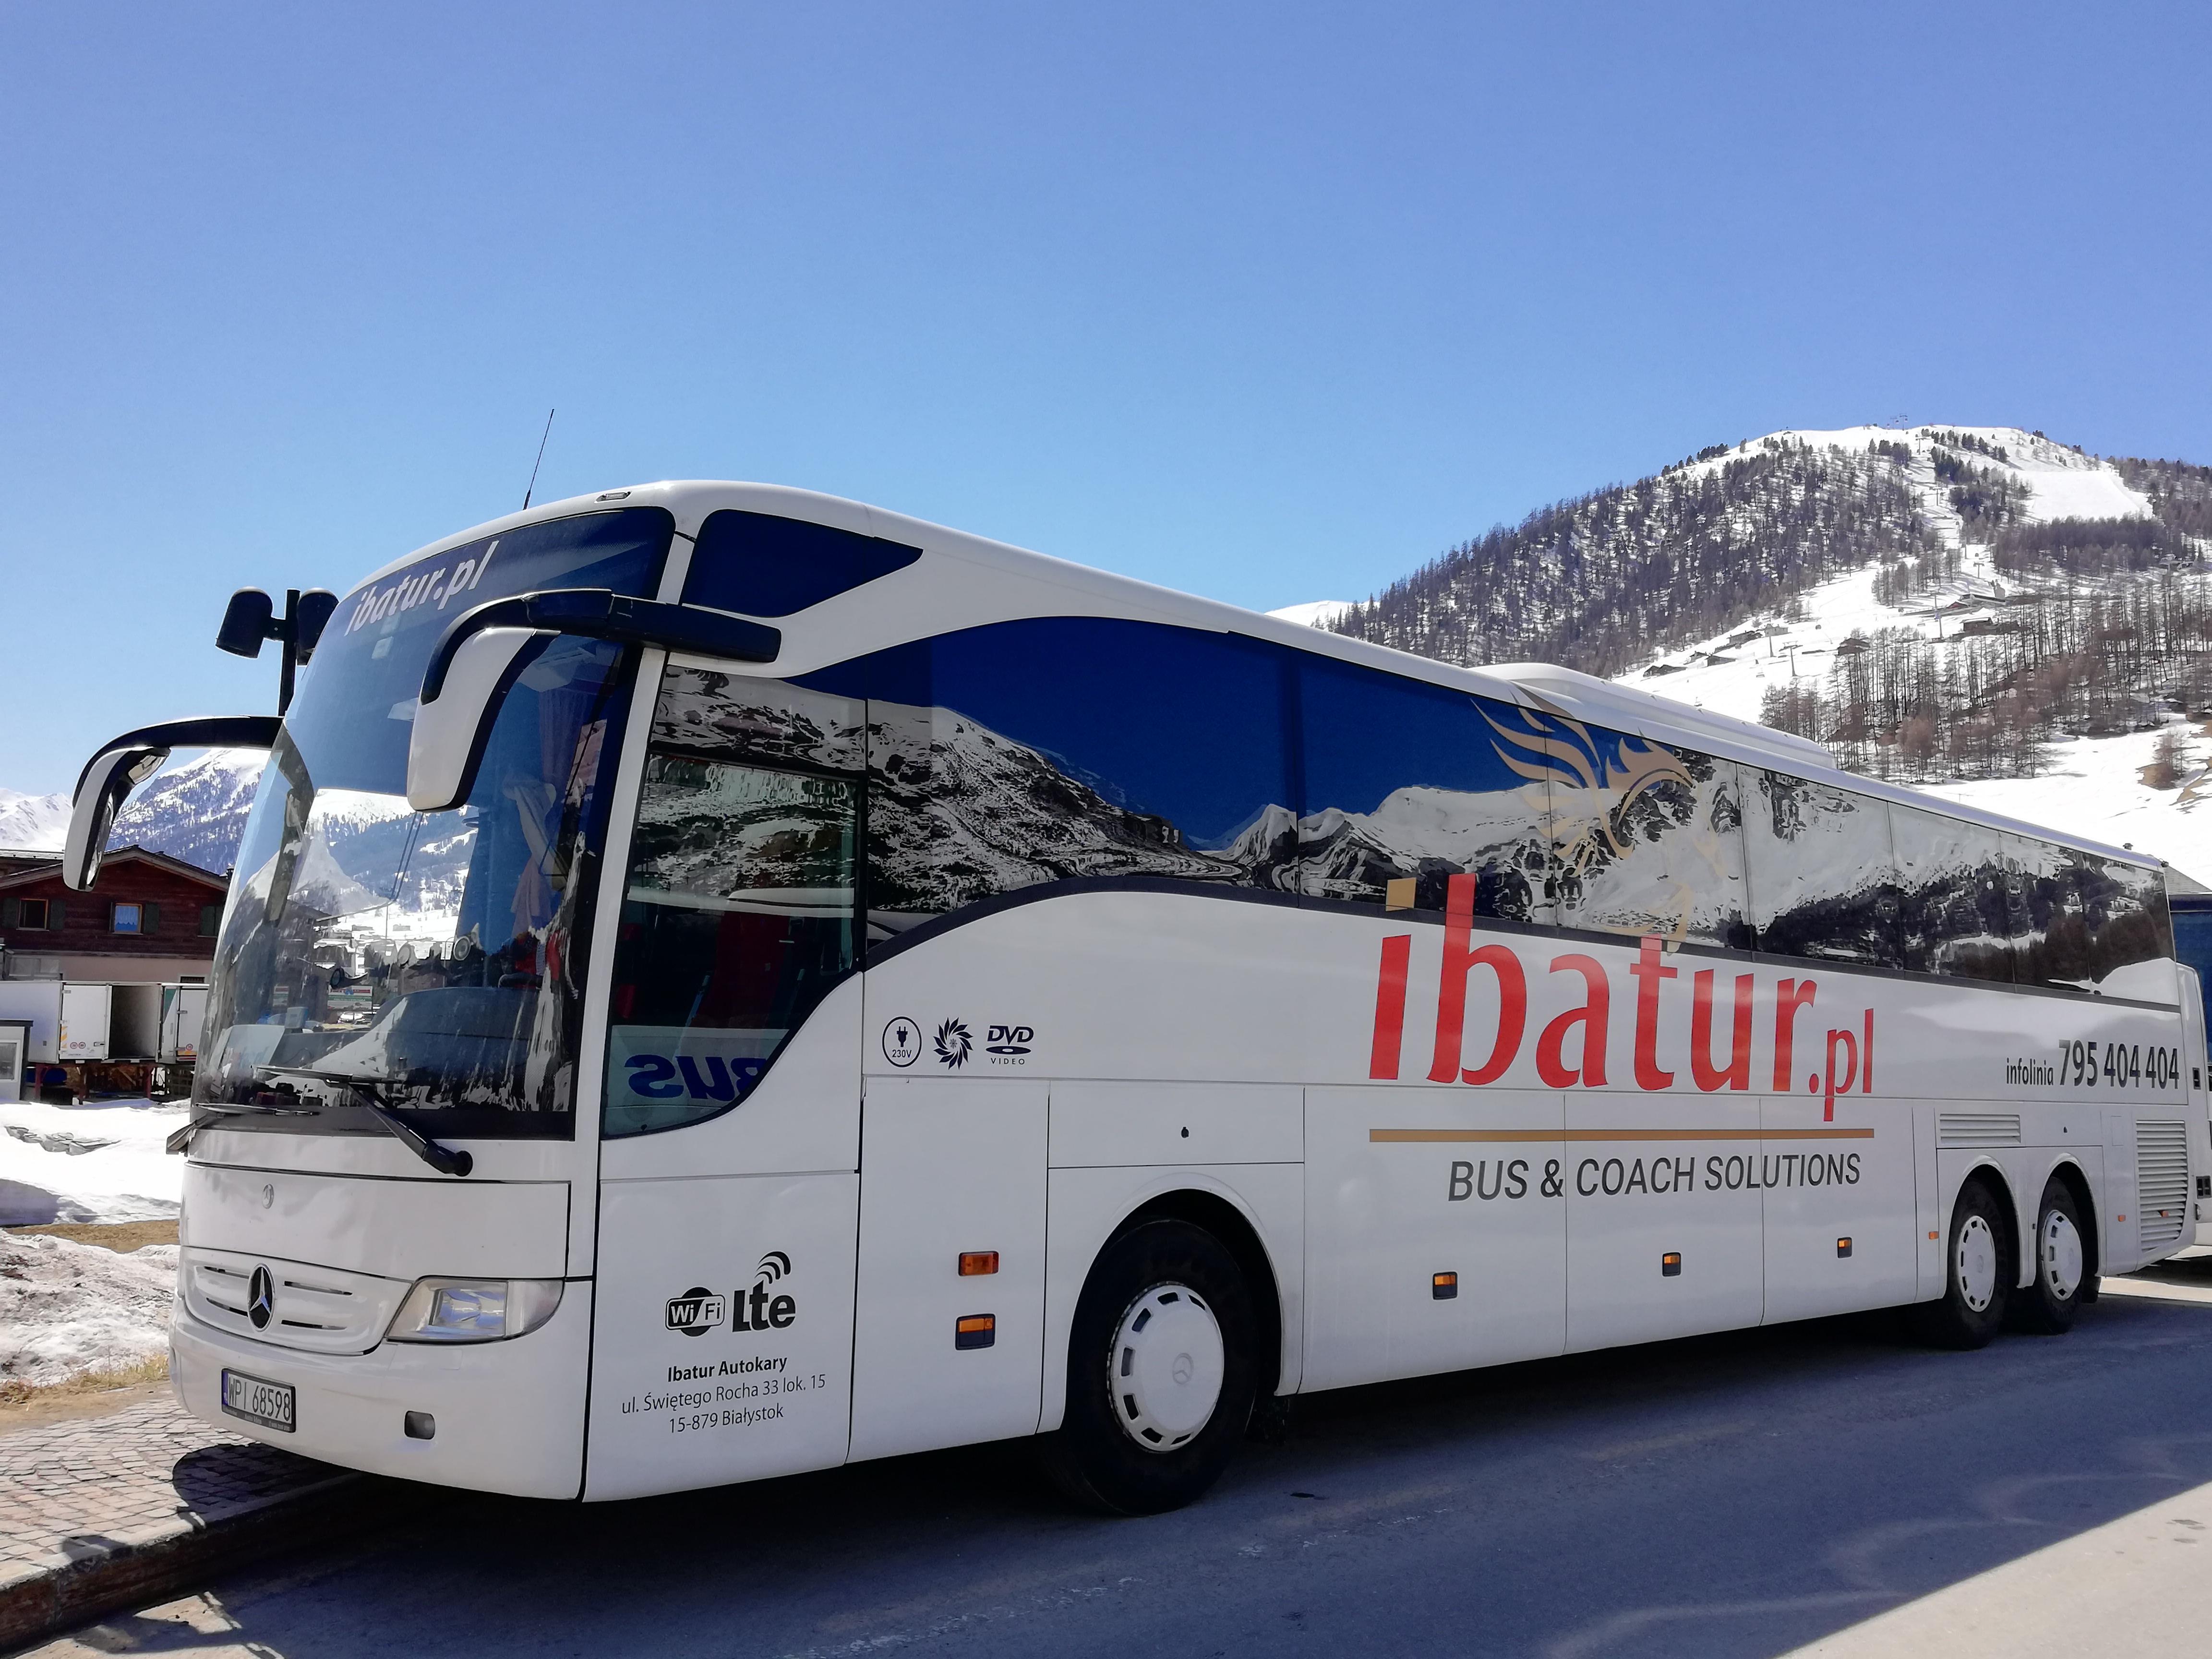 Przewóz narciarzy autokarem Ibatur – autokary klasy lux na wyjazdy zimowe